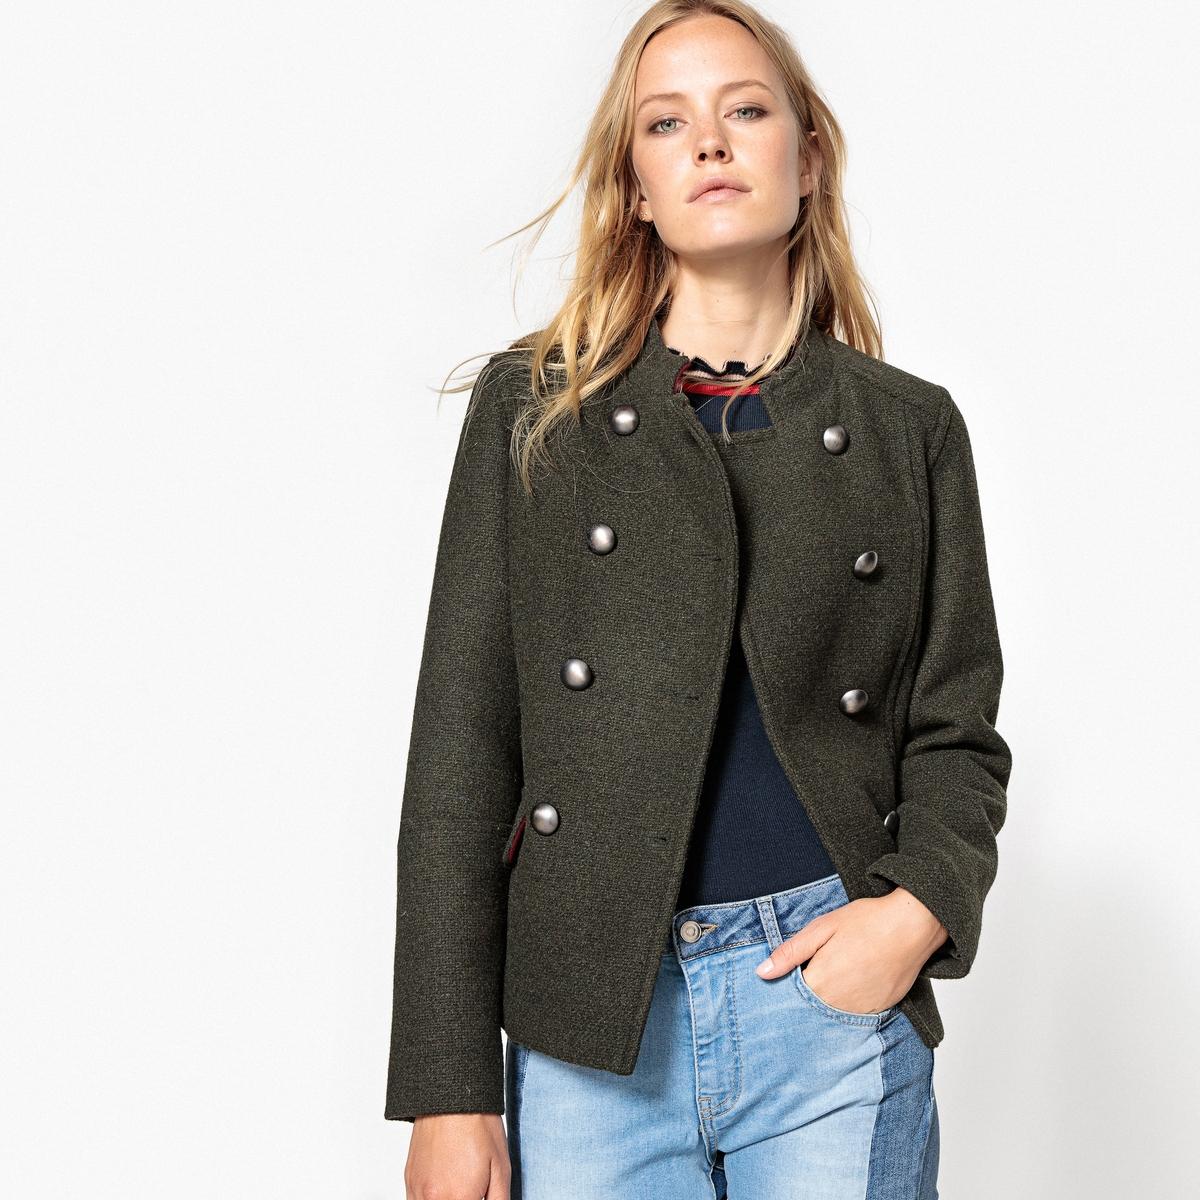 Пальто короткое 40% шерстиОписание:Одна из тенденций сезона, пальто, которое представлено здесь в укороченной версии . Подходит к любому стилю, сочетается с джинсами или платьем .Детали •  Длина : укороченная   •  Воротник-стойка • Застежка на пуговицыСостав и уход •  40% шерсти, 60% полиэстера • Не стирать •  Любые растворитель / не отбеливать   •  Не использовать барабанную сушку   •  Низкая температура глажки •  Длина : 61 см<br><br>Цвет: хаки<br>Размер: 34 (FR) - 40 (RUS).44 (FR) - 50 (RUS).40 (FR) - 46 (RUS).38 (FR) - 44 (RUS)